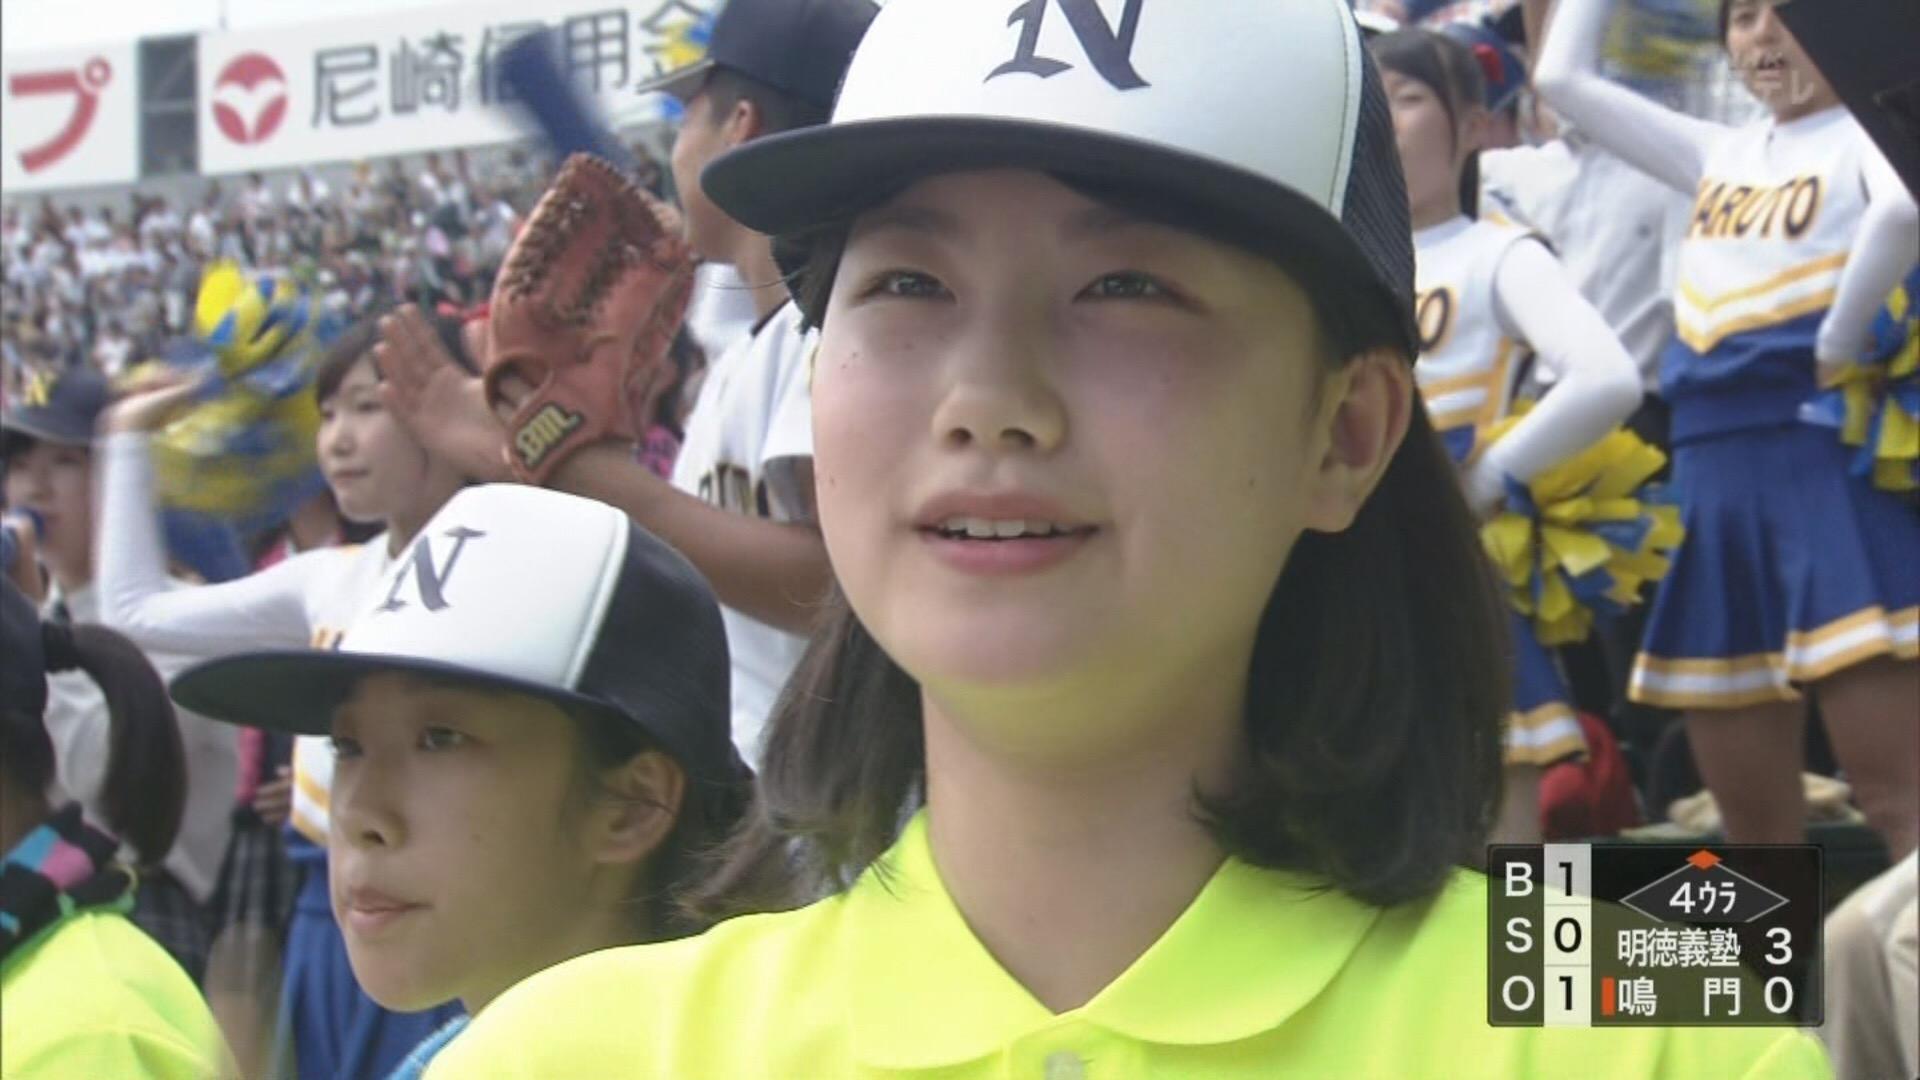 甲子園チアガール・女子高生に萌えるスレwww 5MeCXig